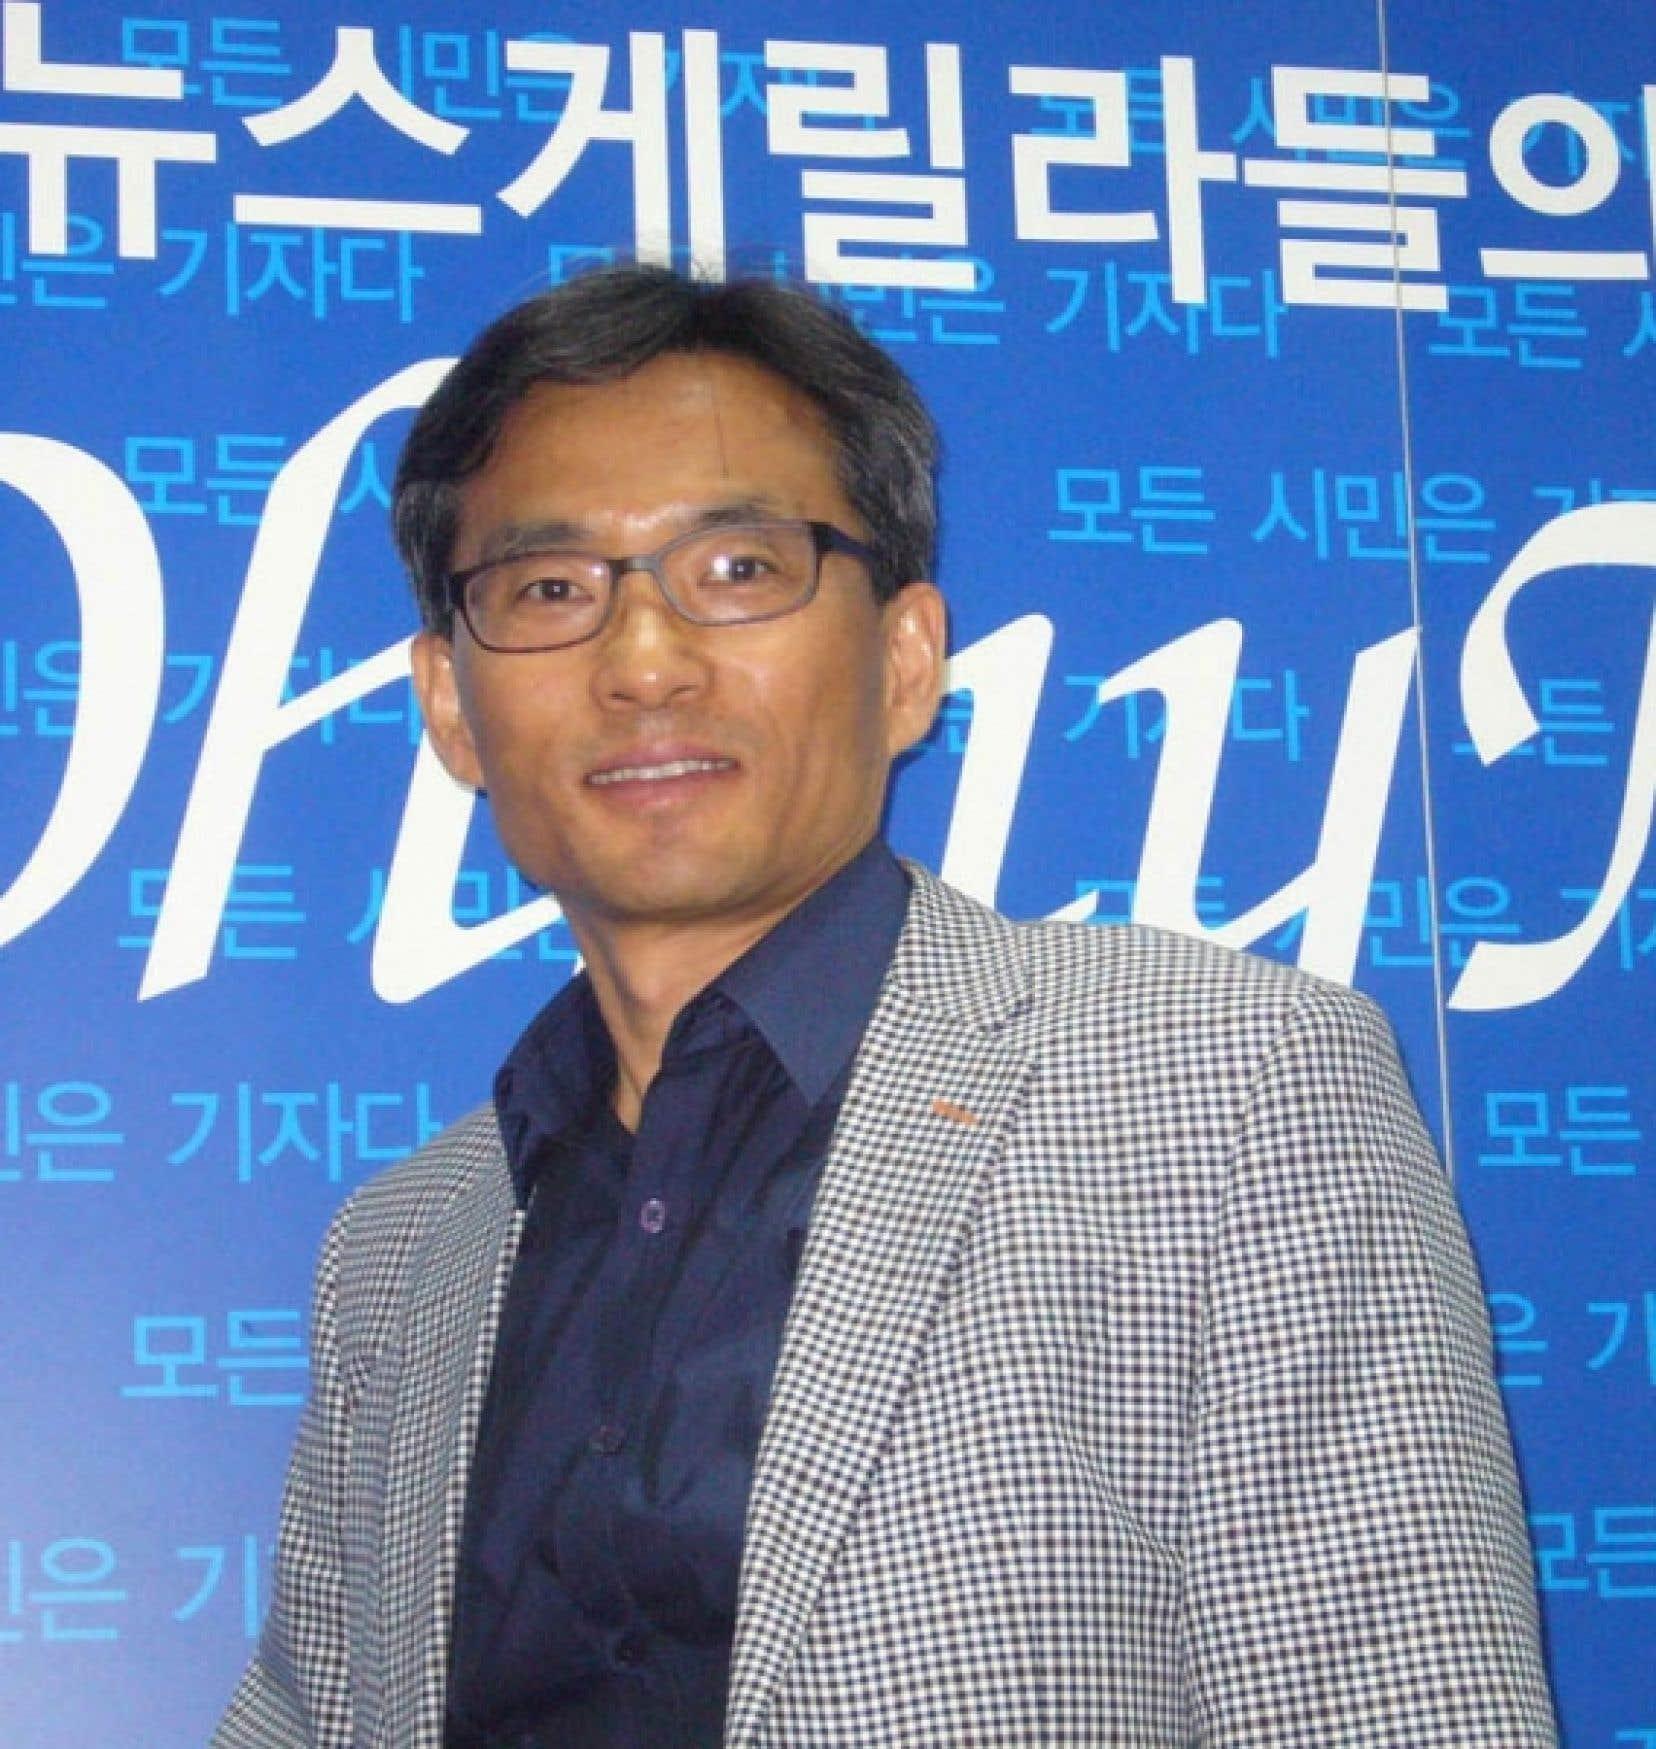 Oh Yeon Ho, créateur du plus grand portail d'information sud-coréen: deux millions et demi de pages consultées par jour.<br />